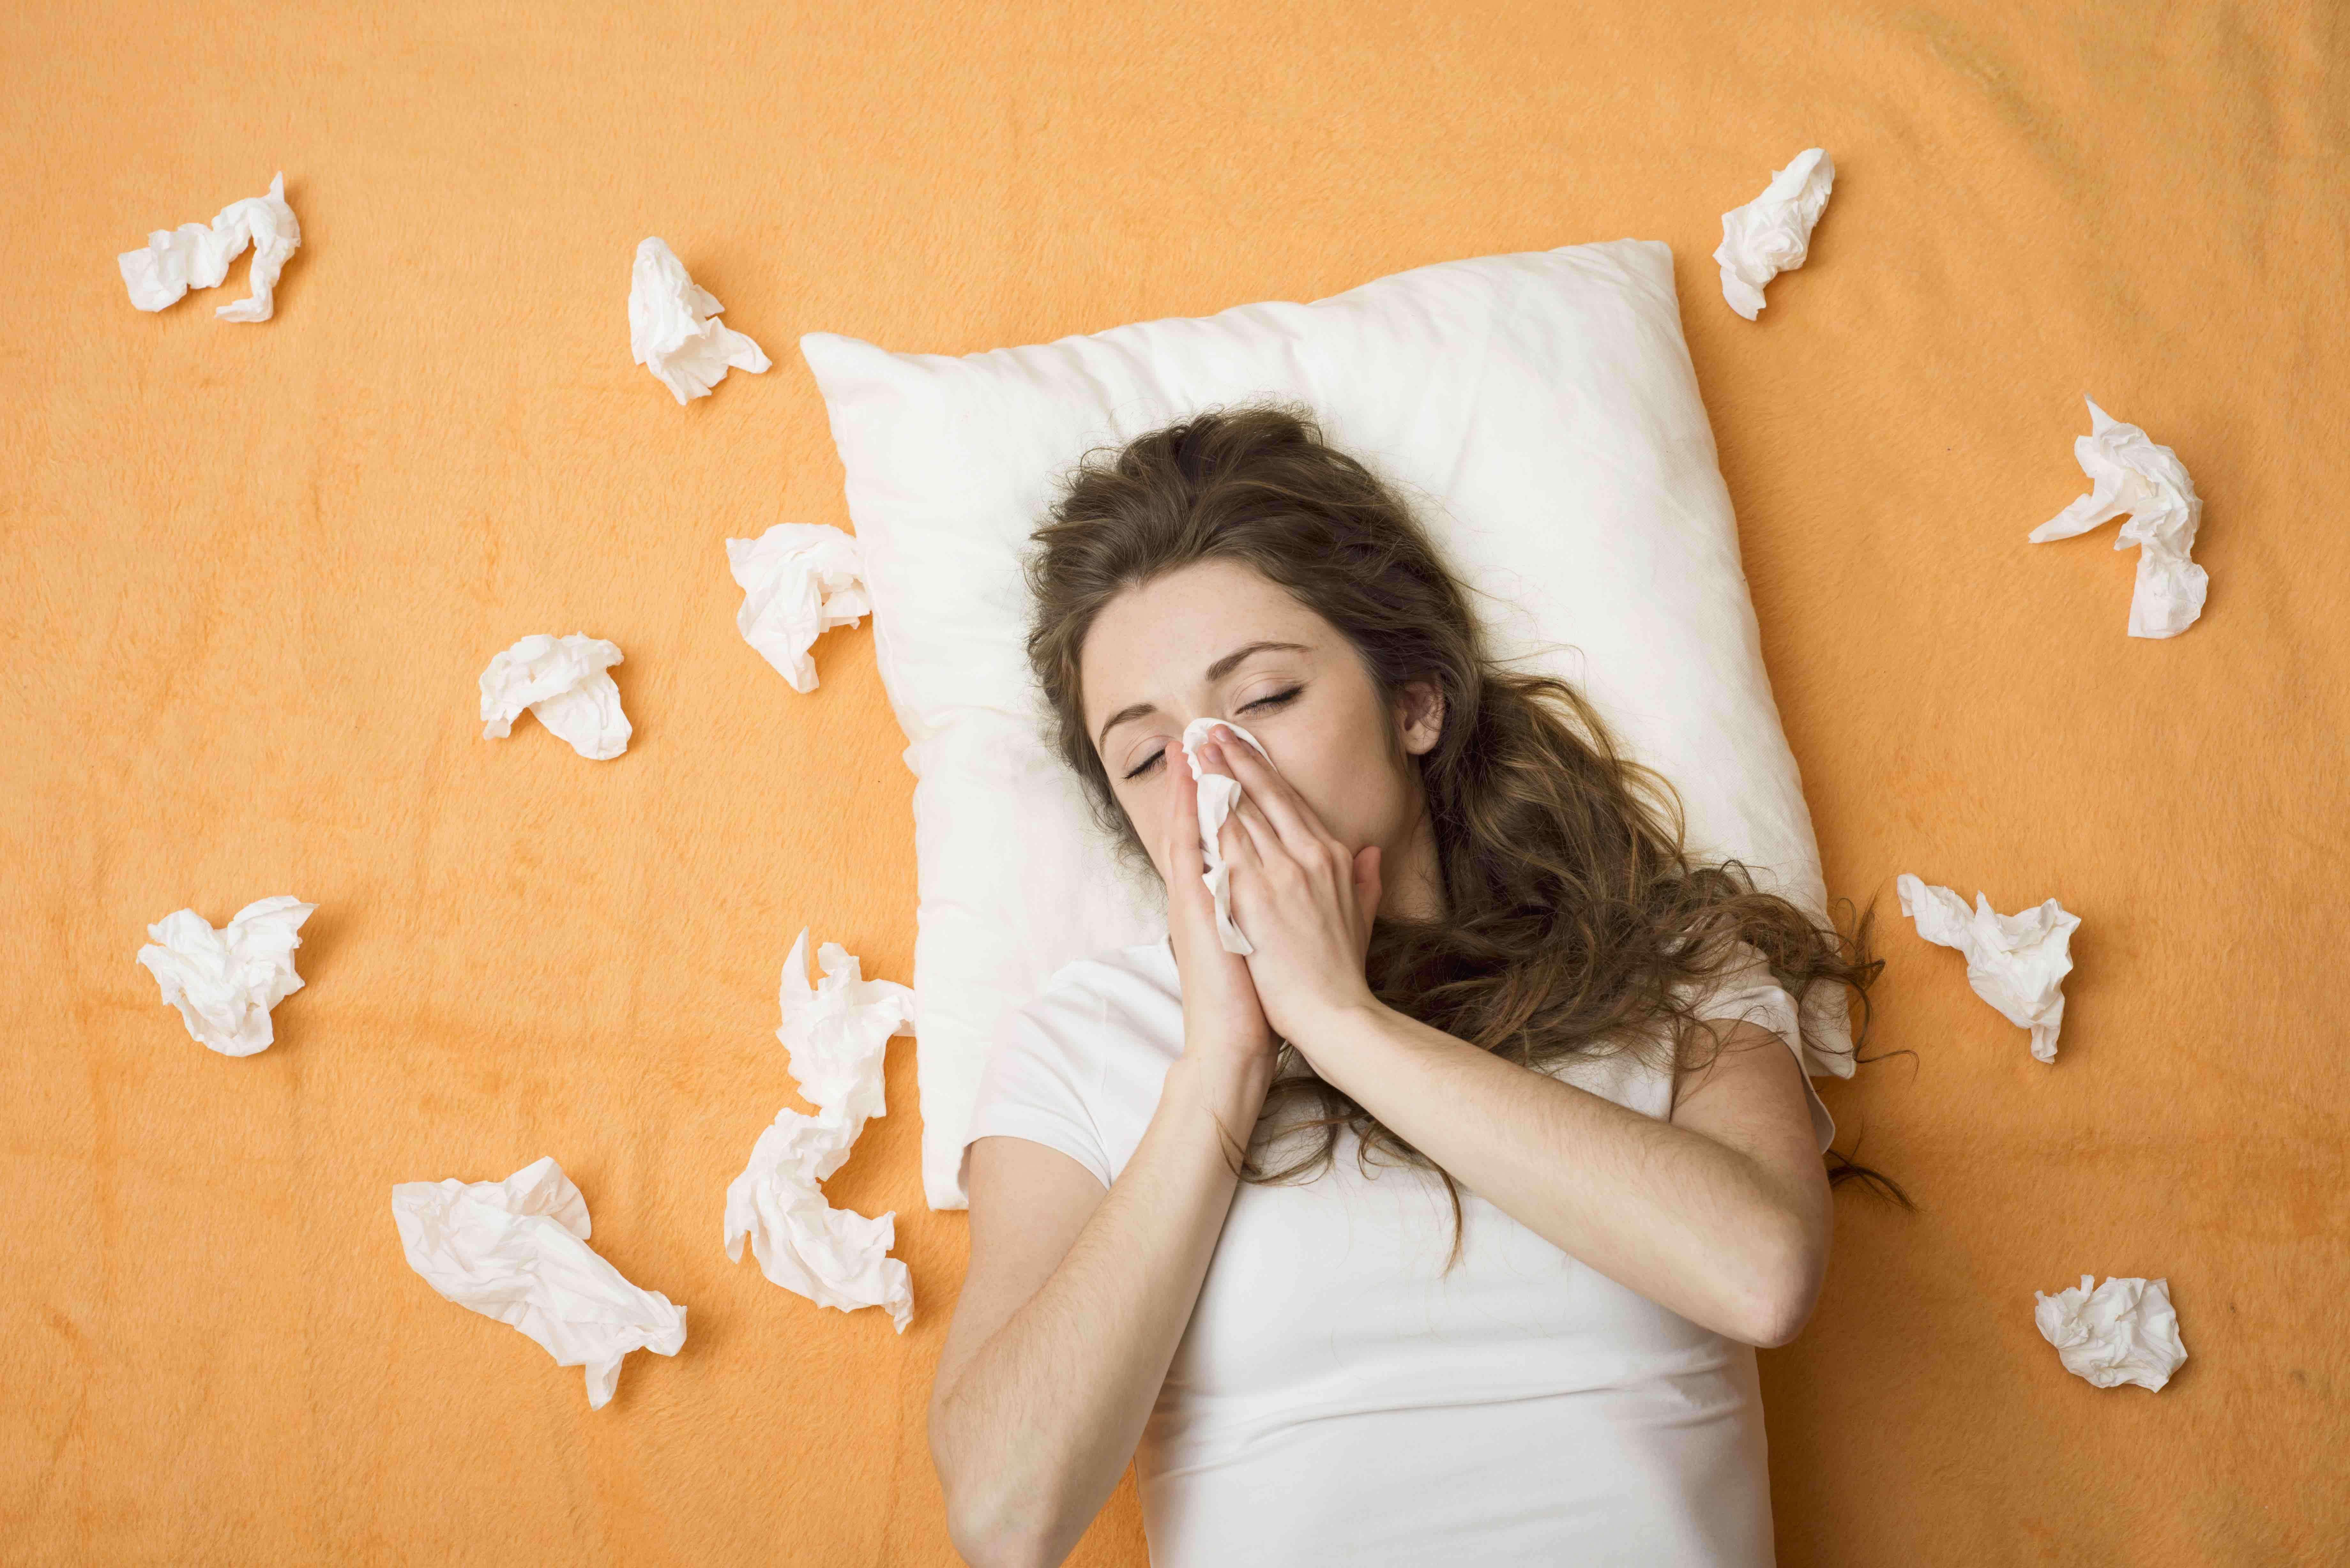 """Quando il raffreddore e il mal di gola sono frequenti o tendono a complicarsi, potresti avere il sistema immunitario indebolito e """"sotto assedio"""". Ecco da cosa è assalito e come puoi rinforzarlo."""